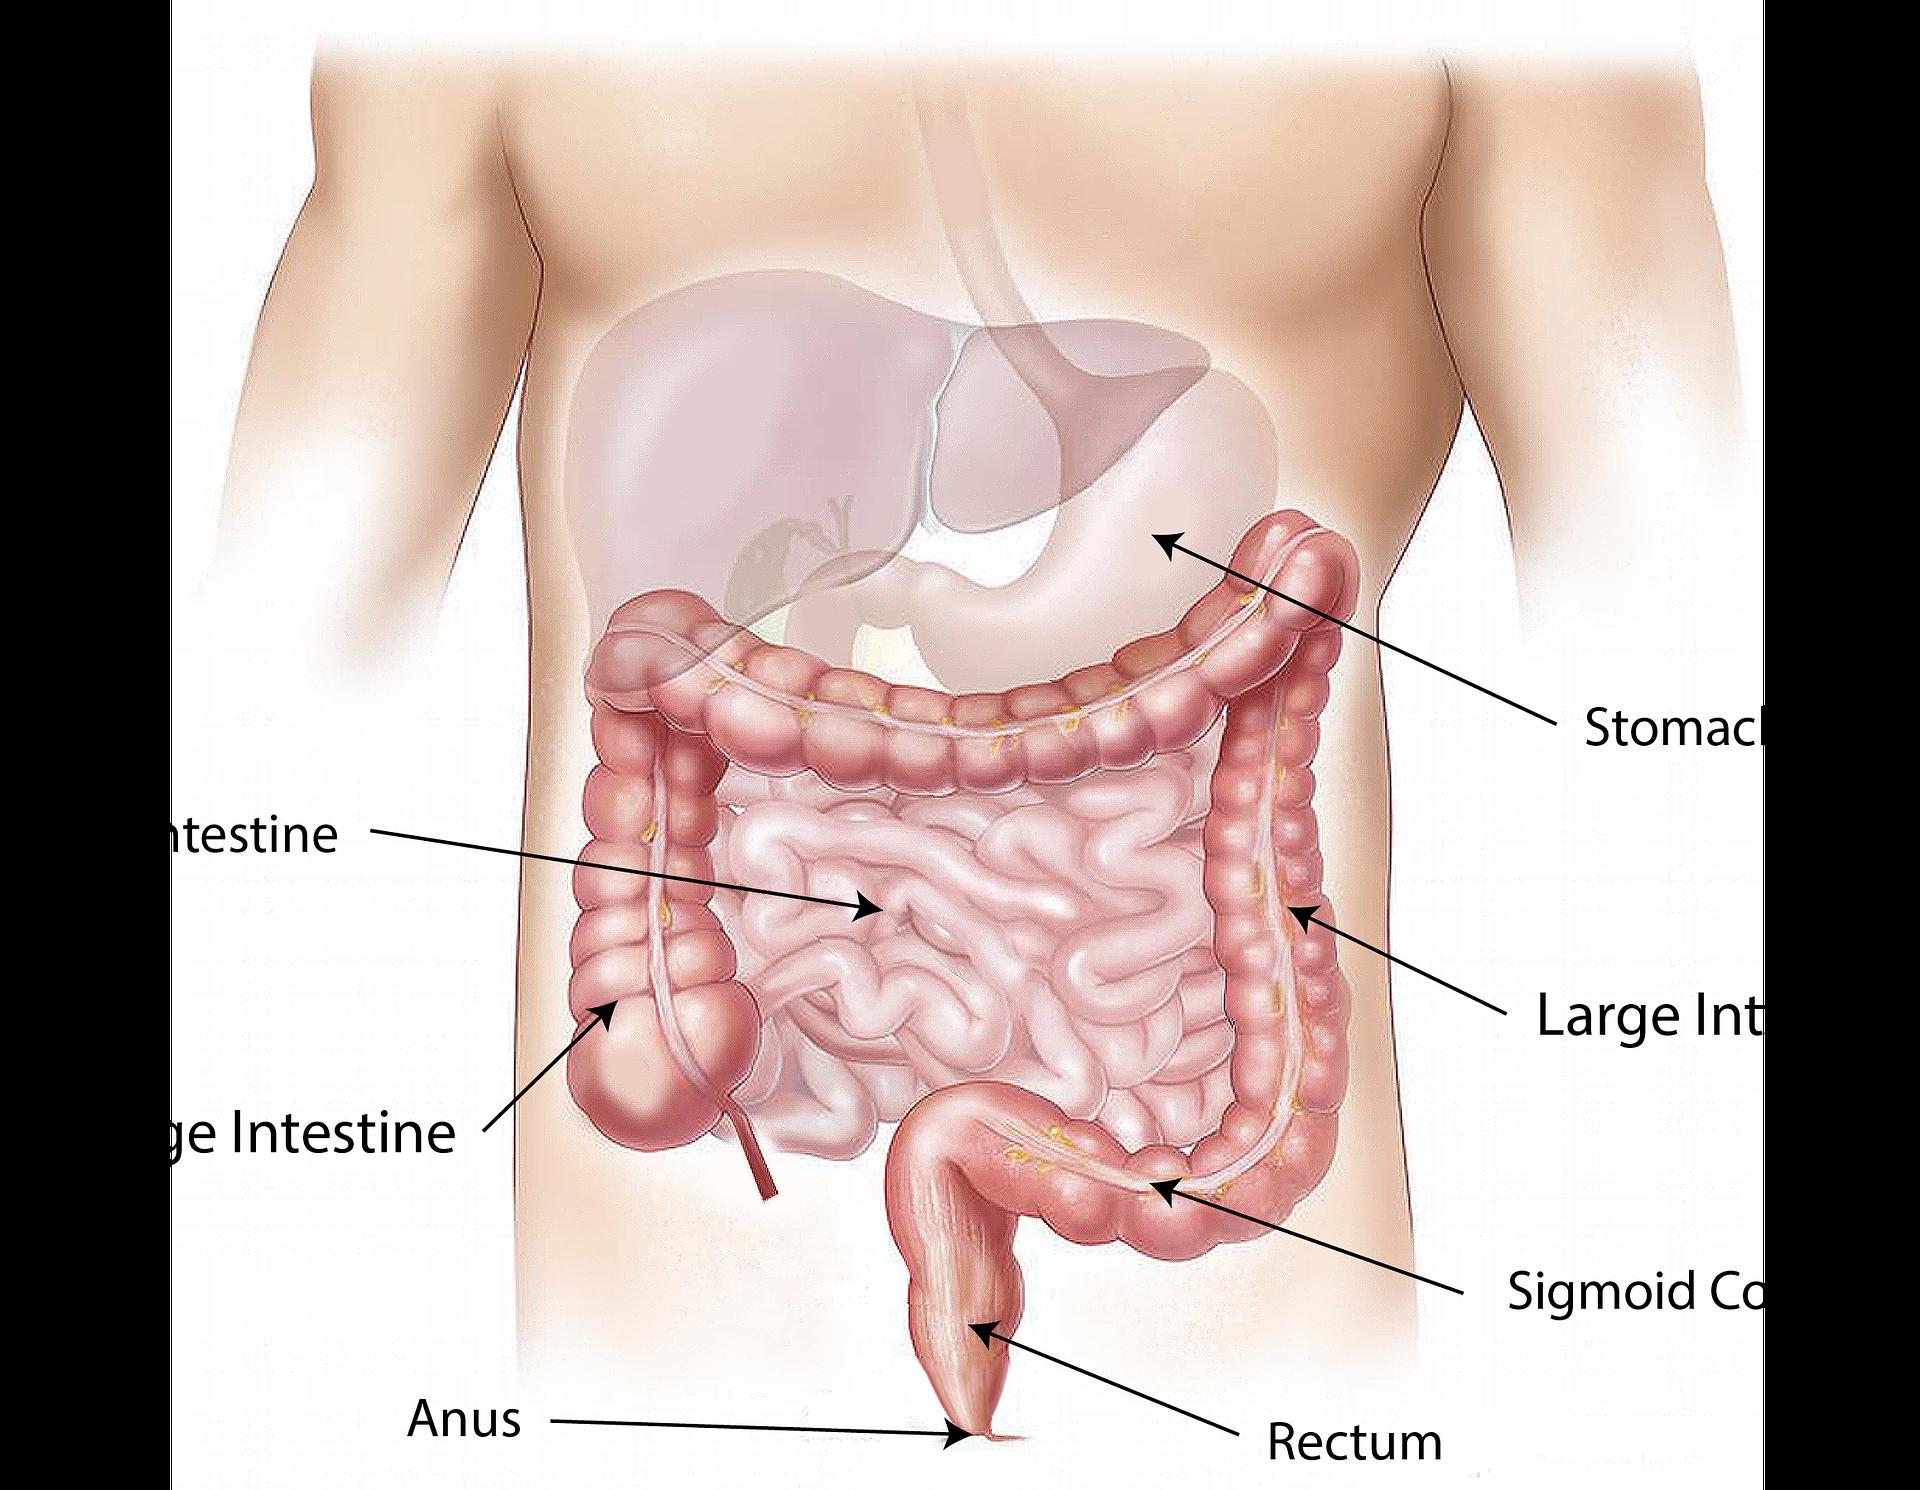 Spierknopen: wat zijn het en hoe kom je ervan af